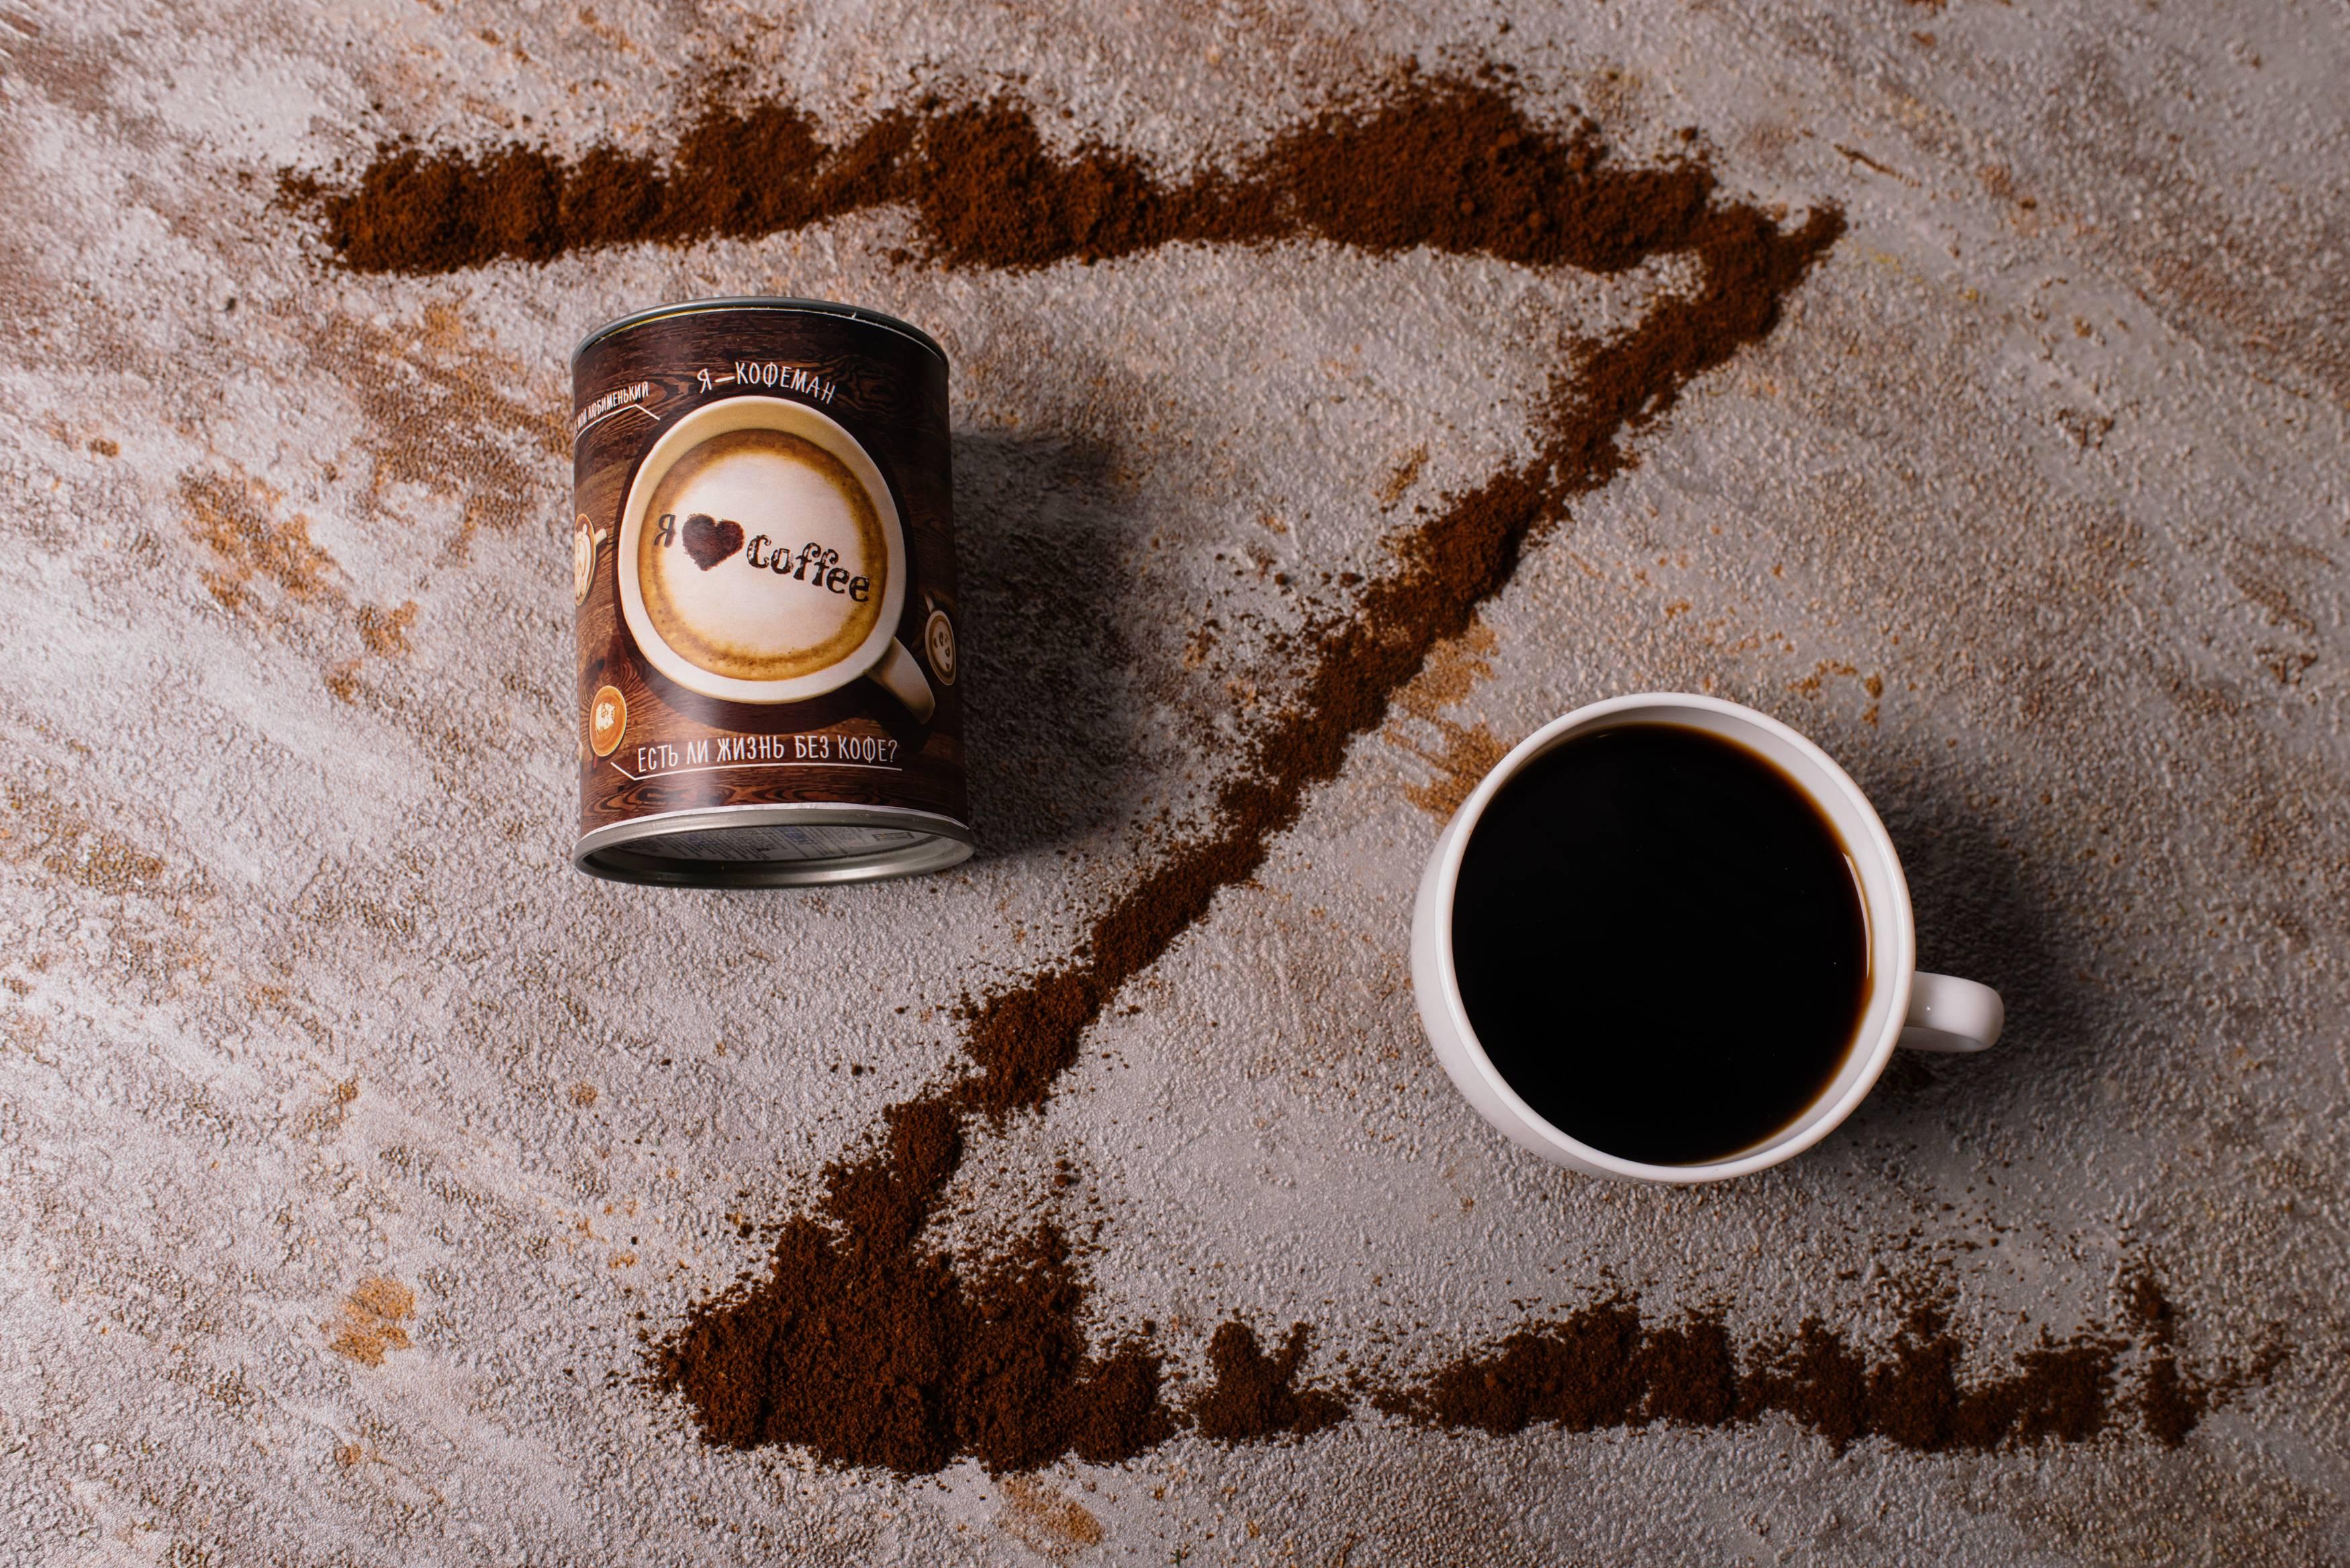 Кофе мужчине в подарок: как выбрать и оформить хороший и элитный кофейный набор для настоящего кофемана?